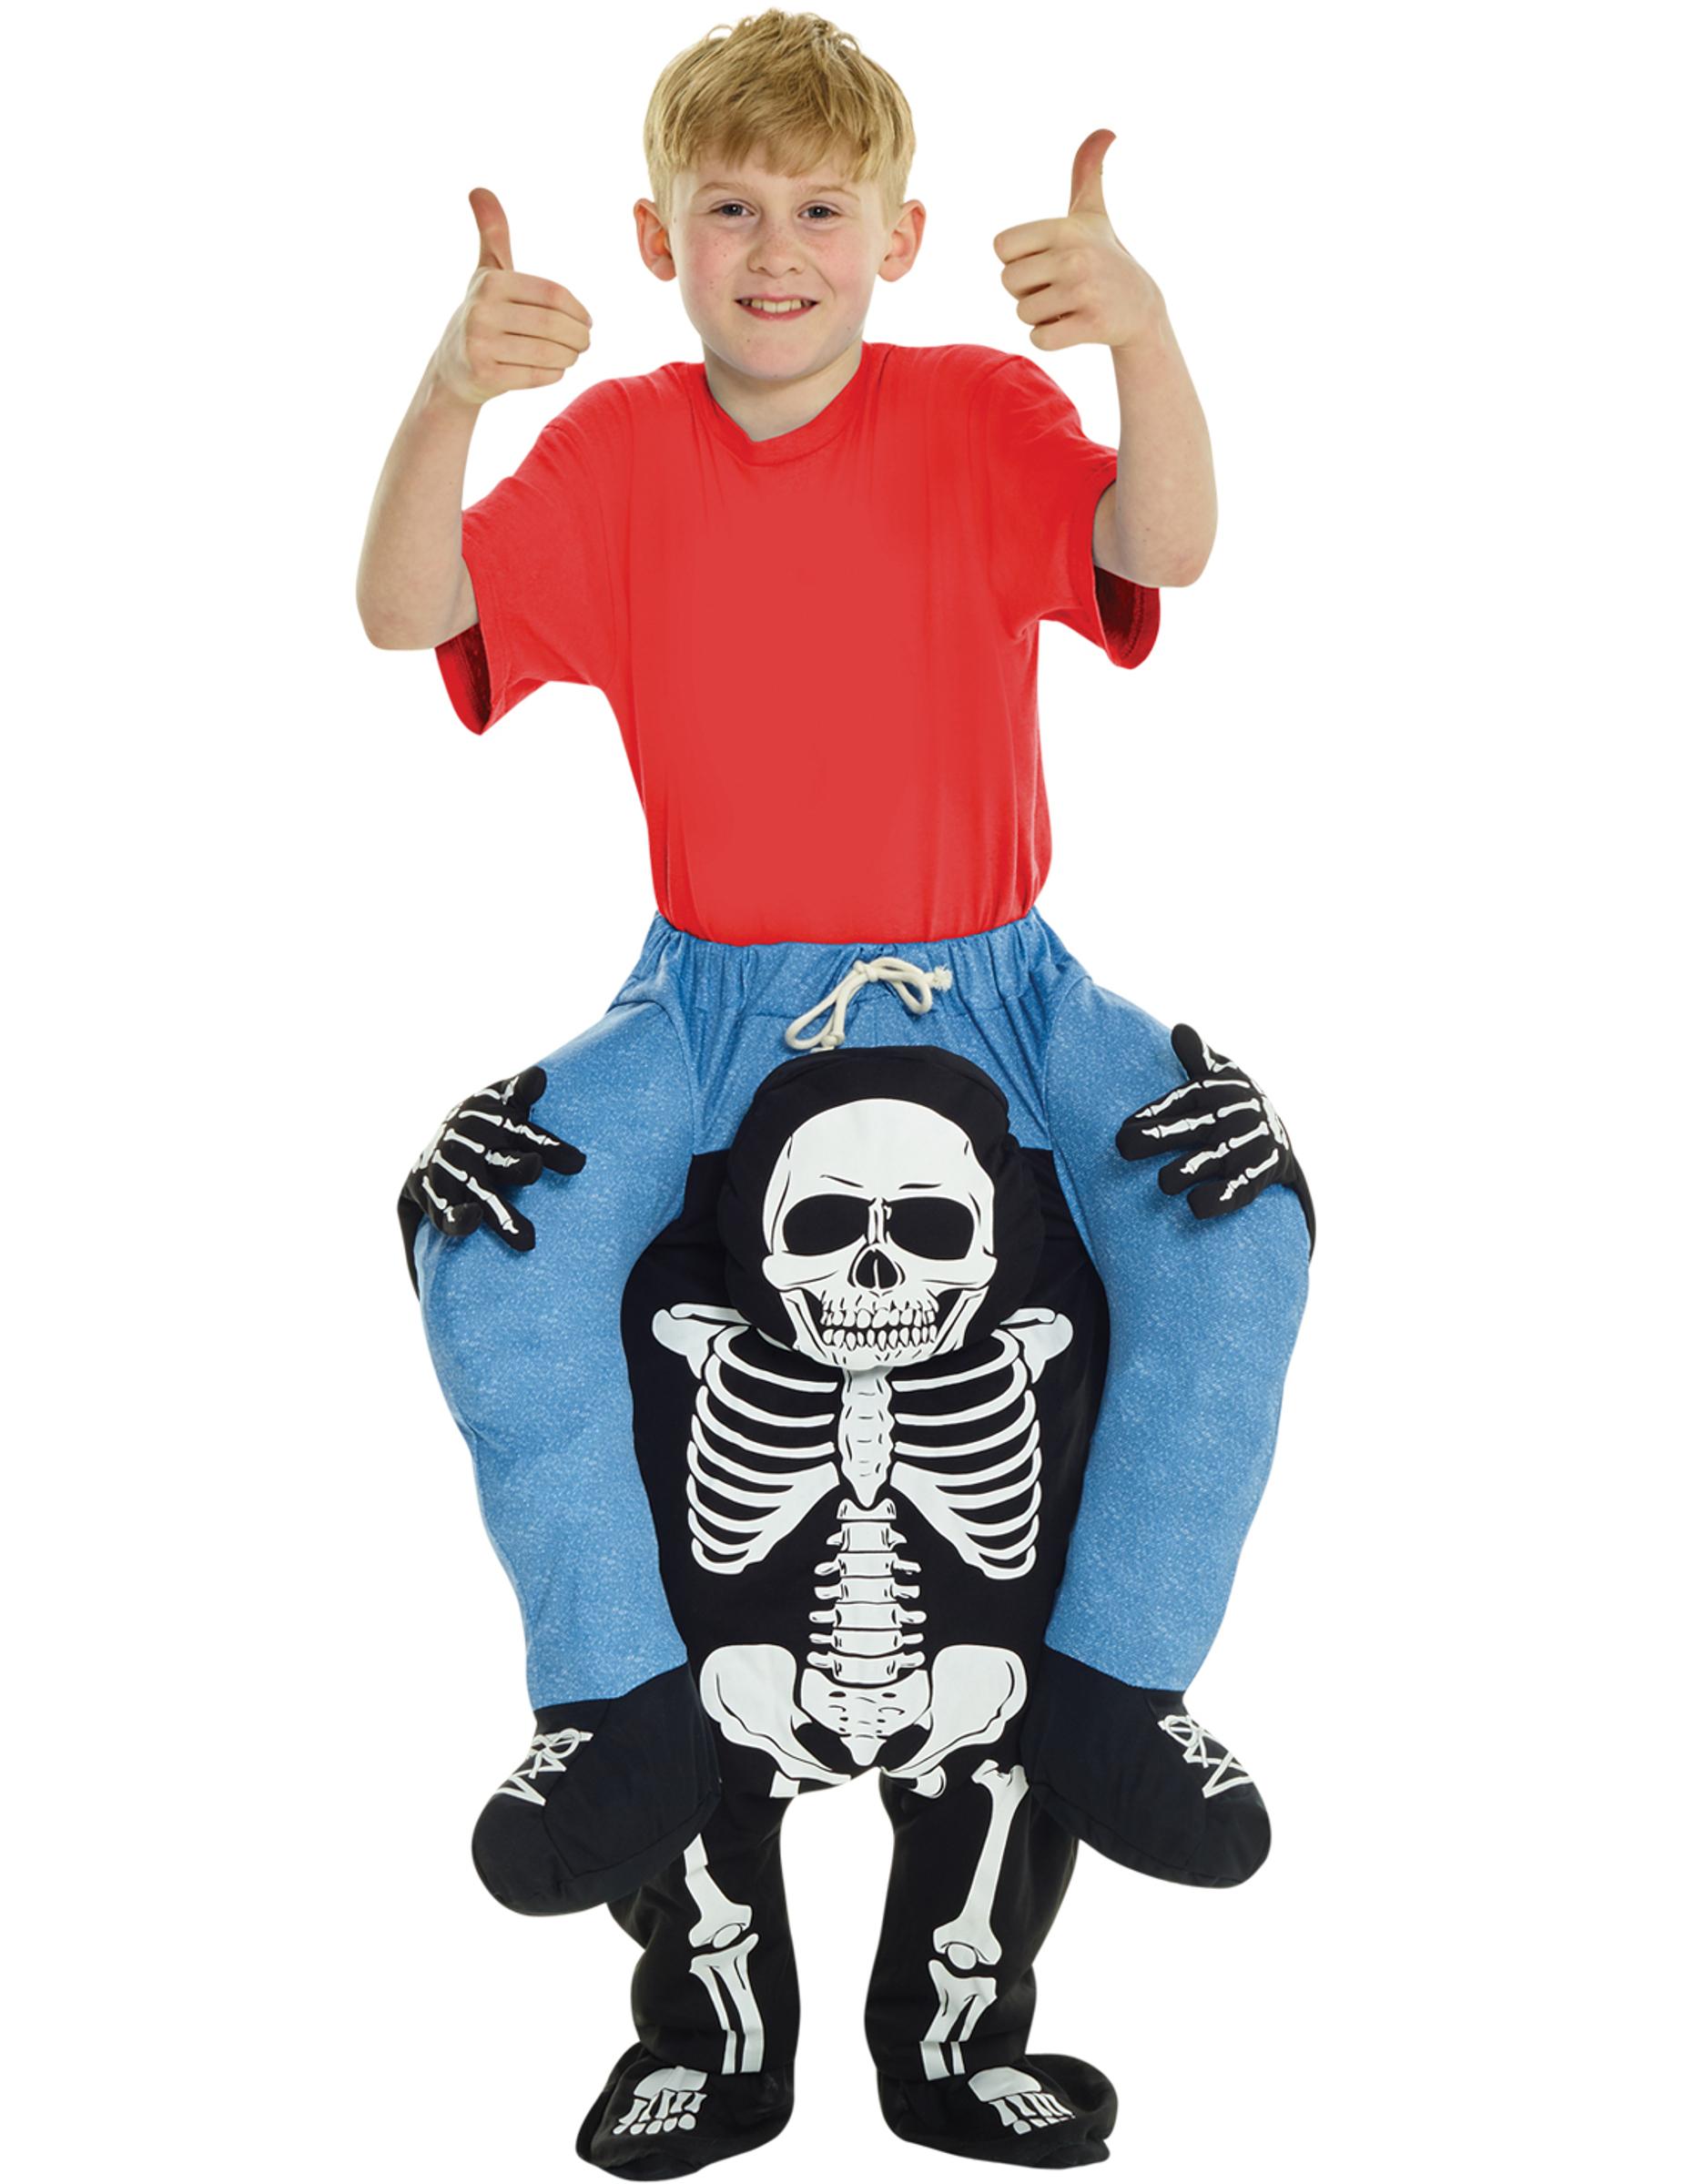 Kostume barn på ryggen af et skelet til børn Halloween, køb